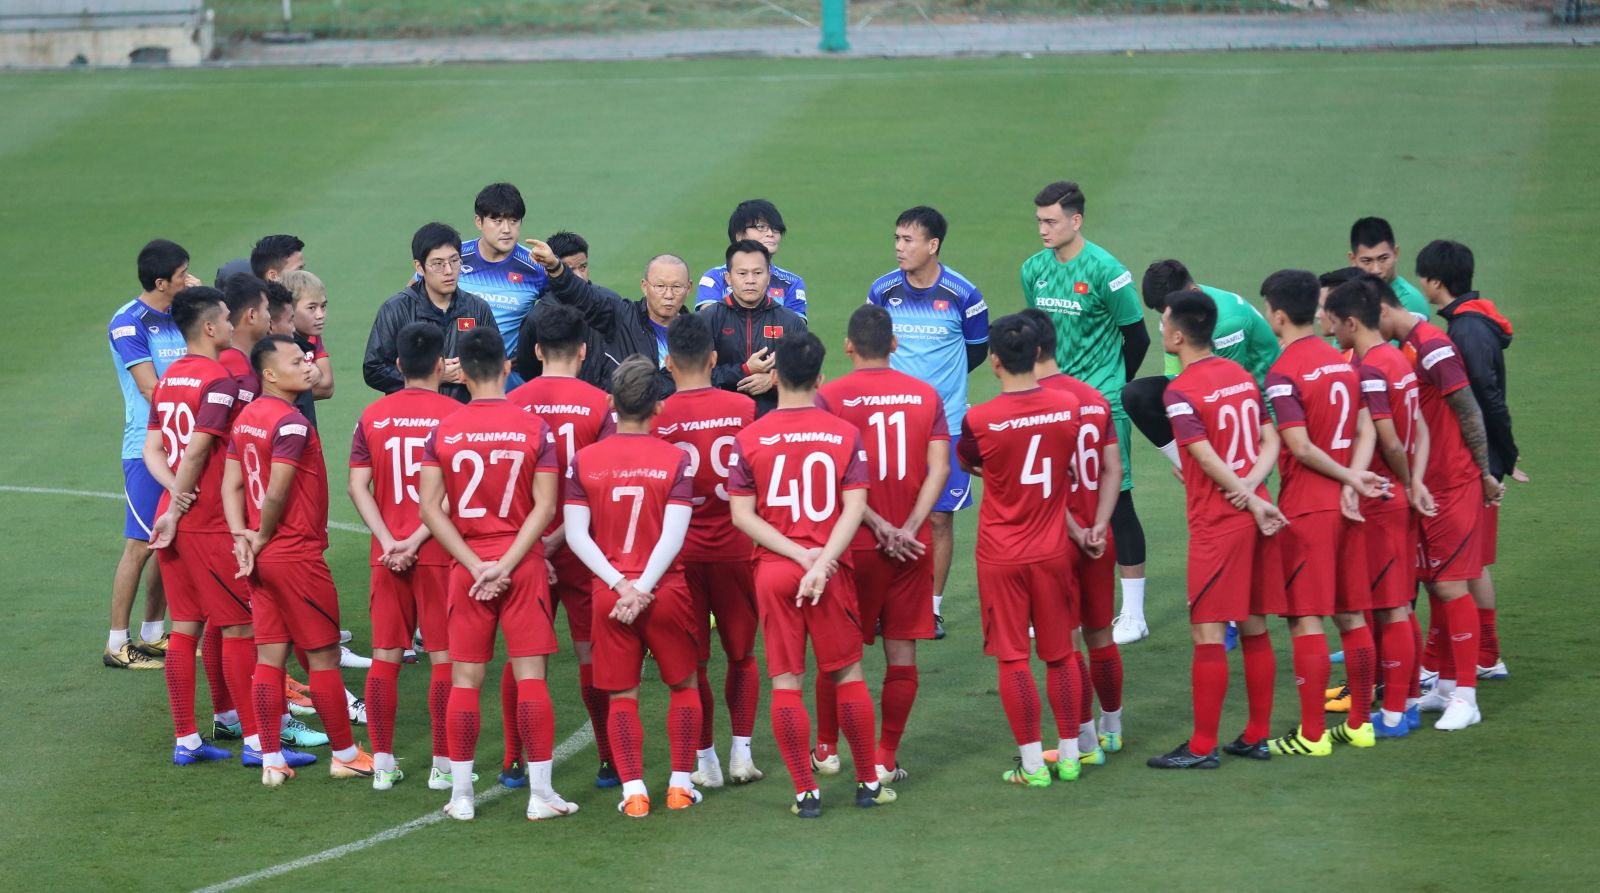 Thành viên đội tuyển bóng đá Việt Nam